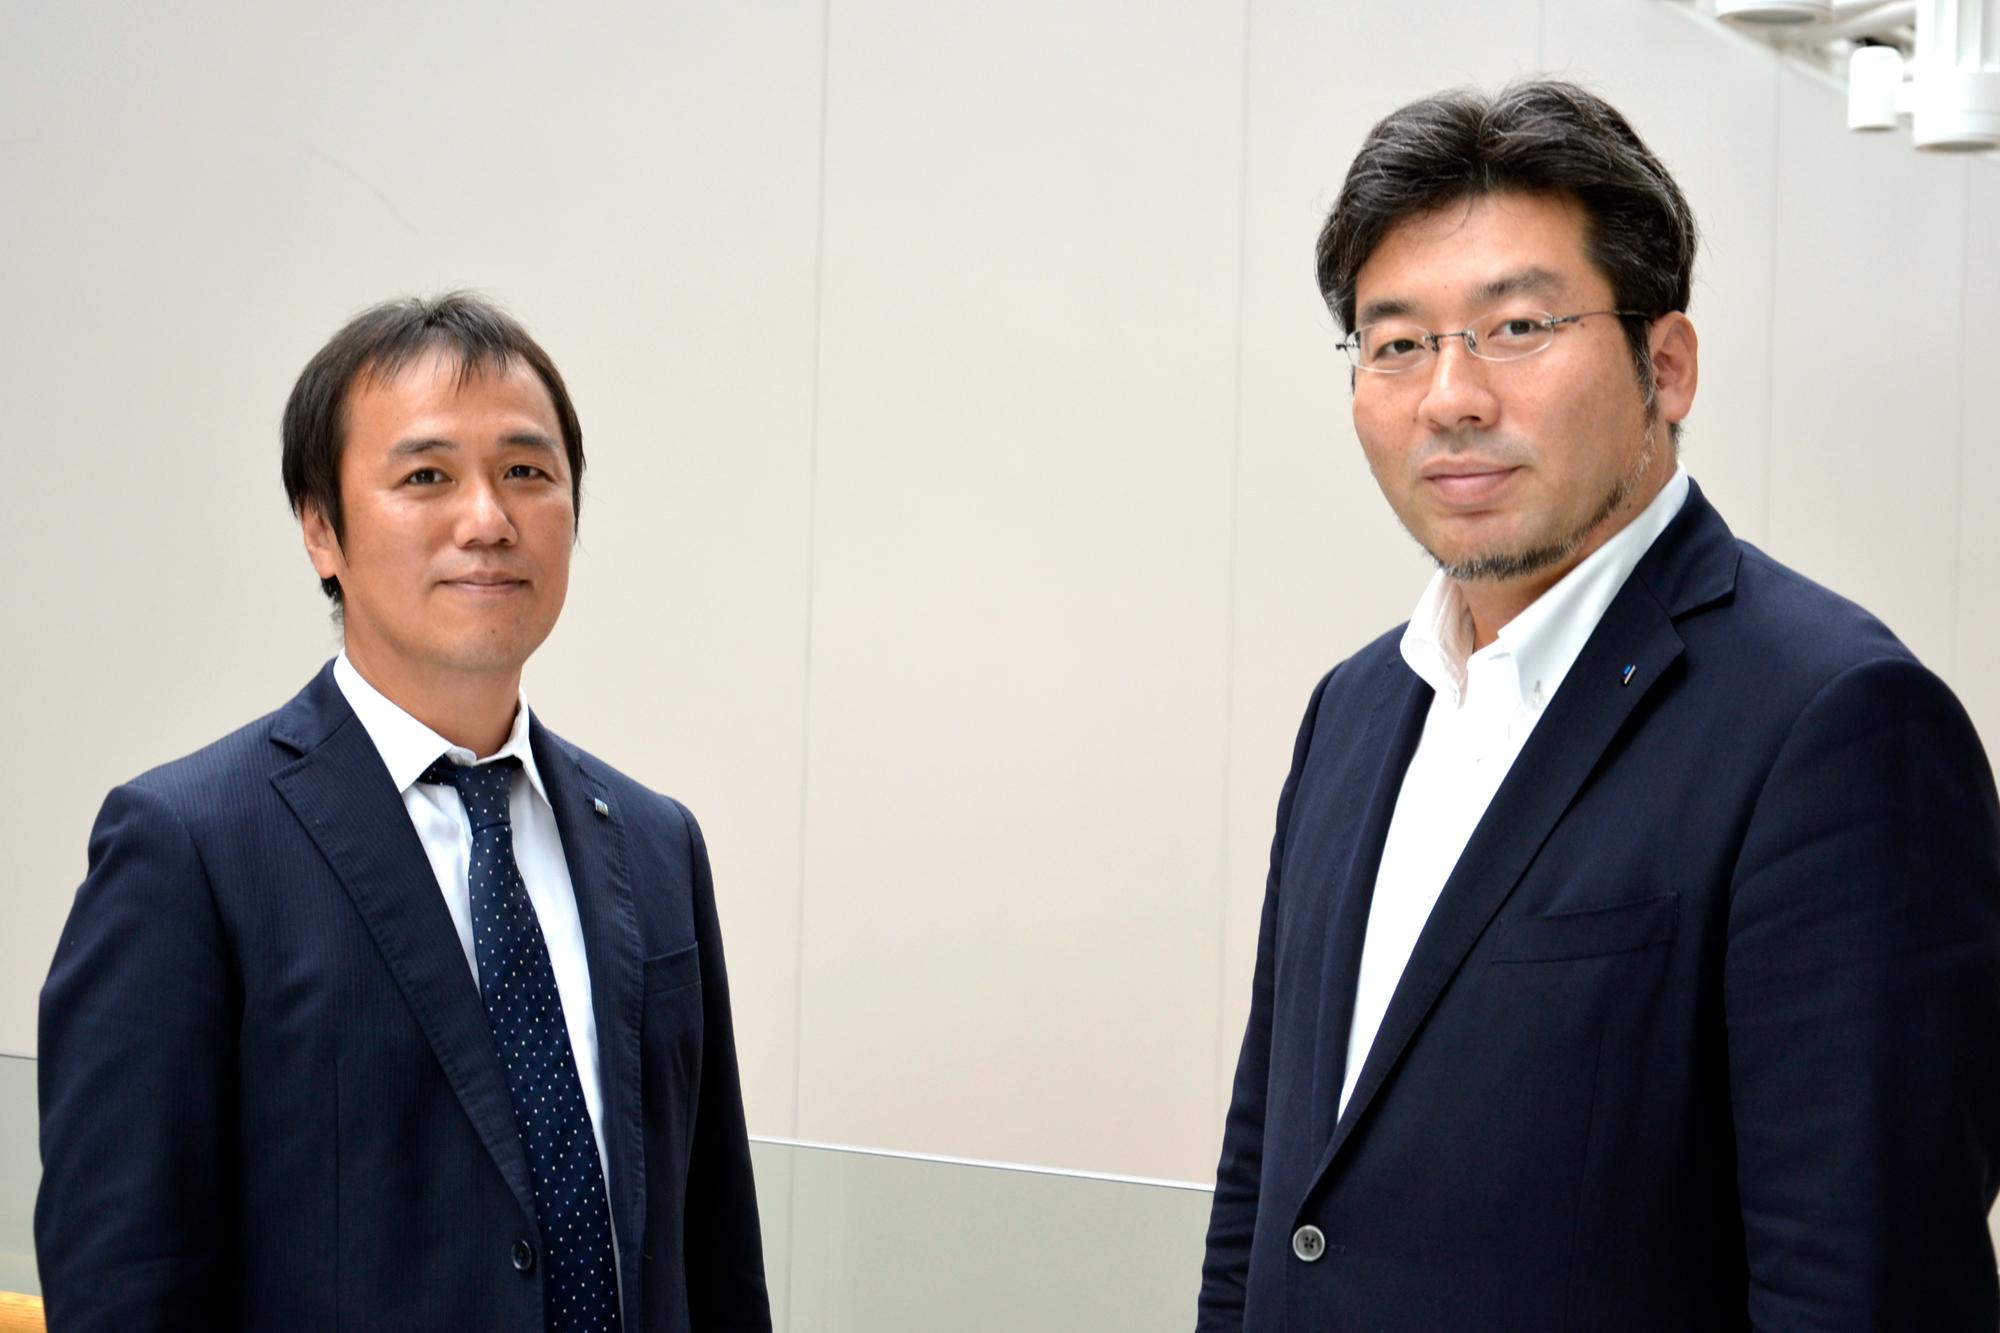 凸版印刷株式会社 情報コミュニケーション事業本部の岡田武士さん(写真左)と原徹さん(写真右)